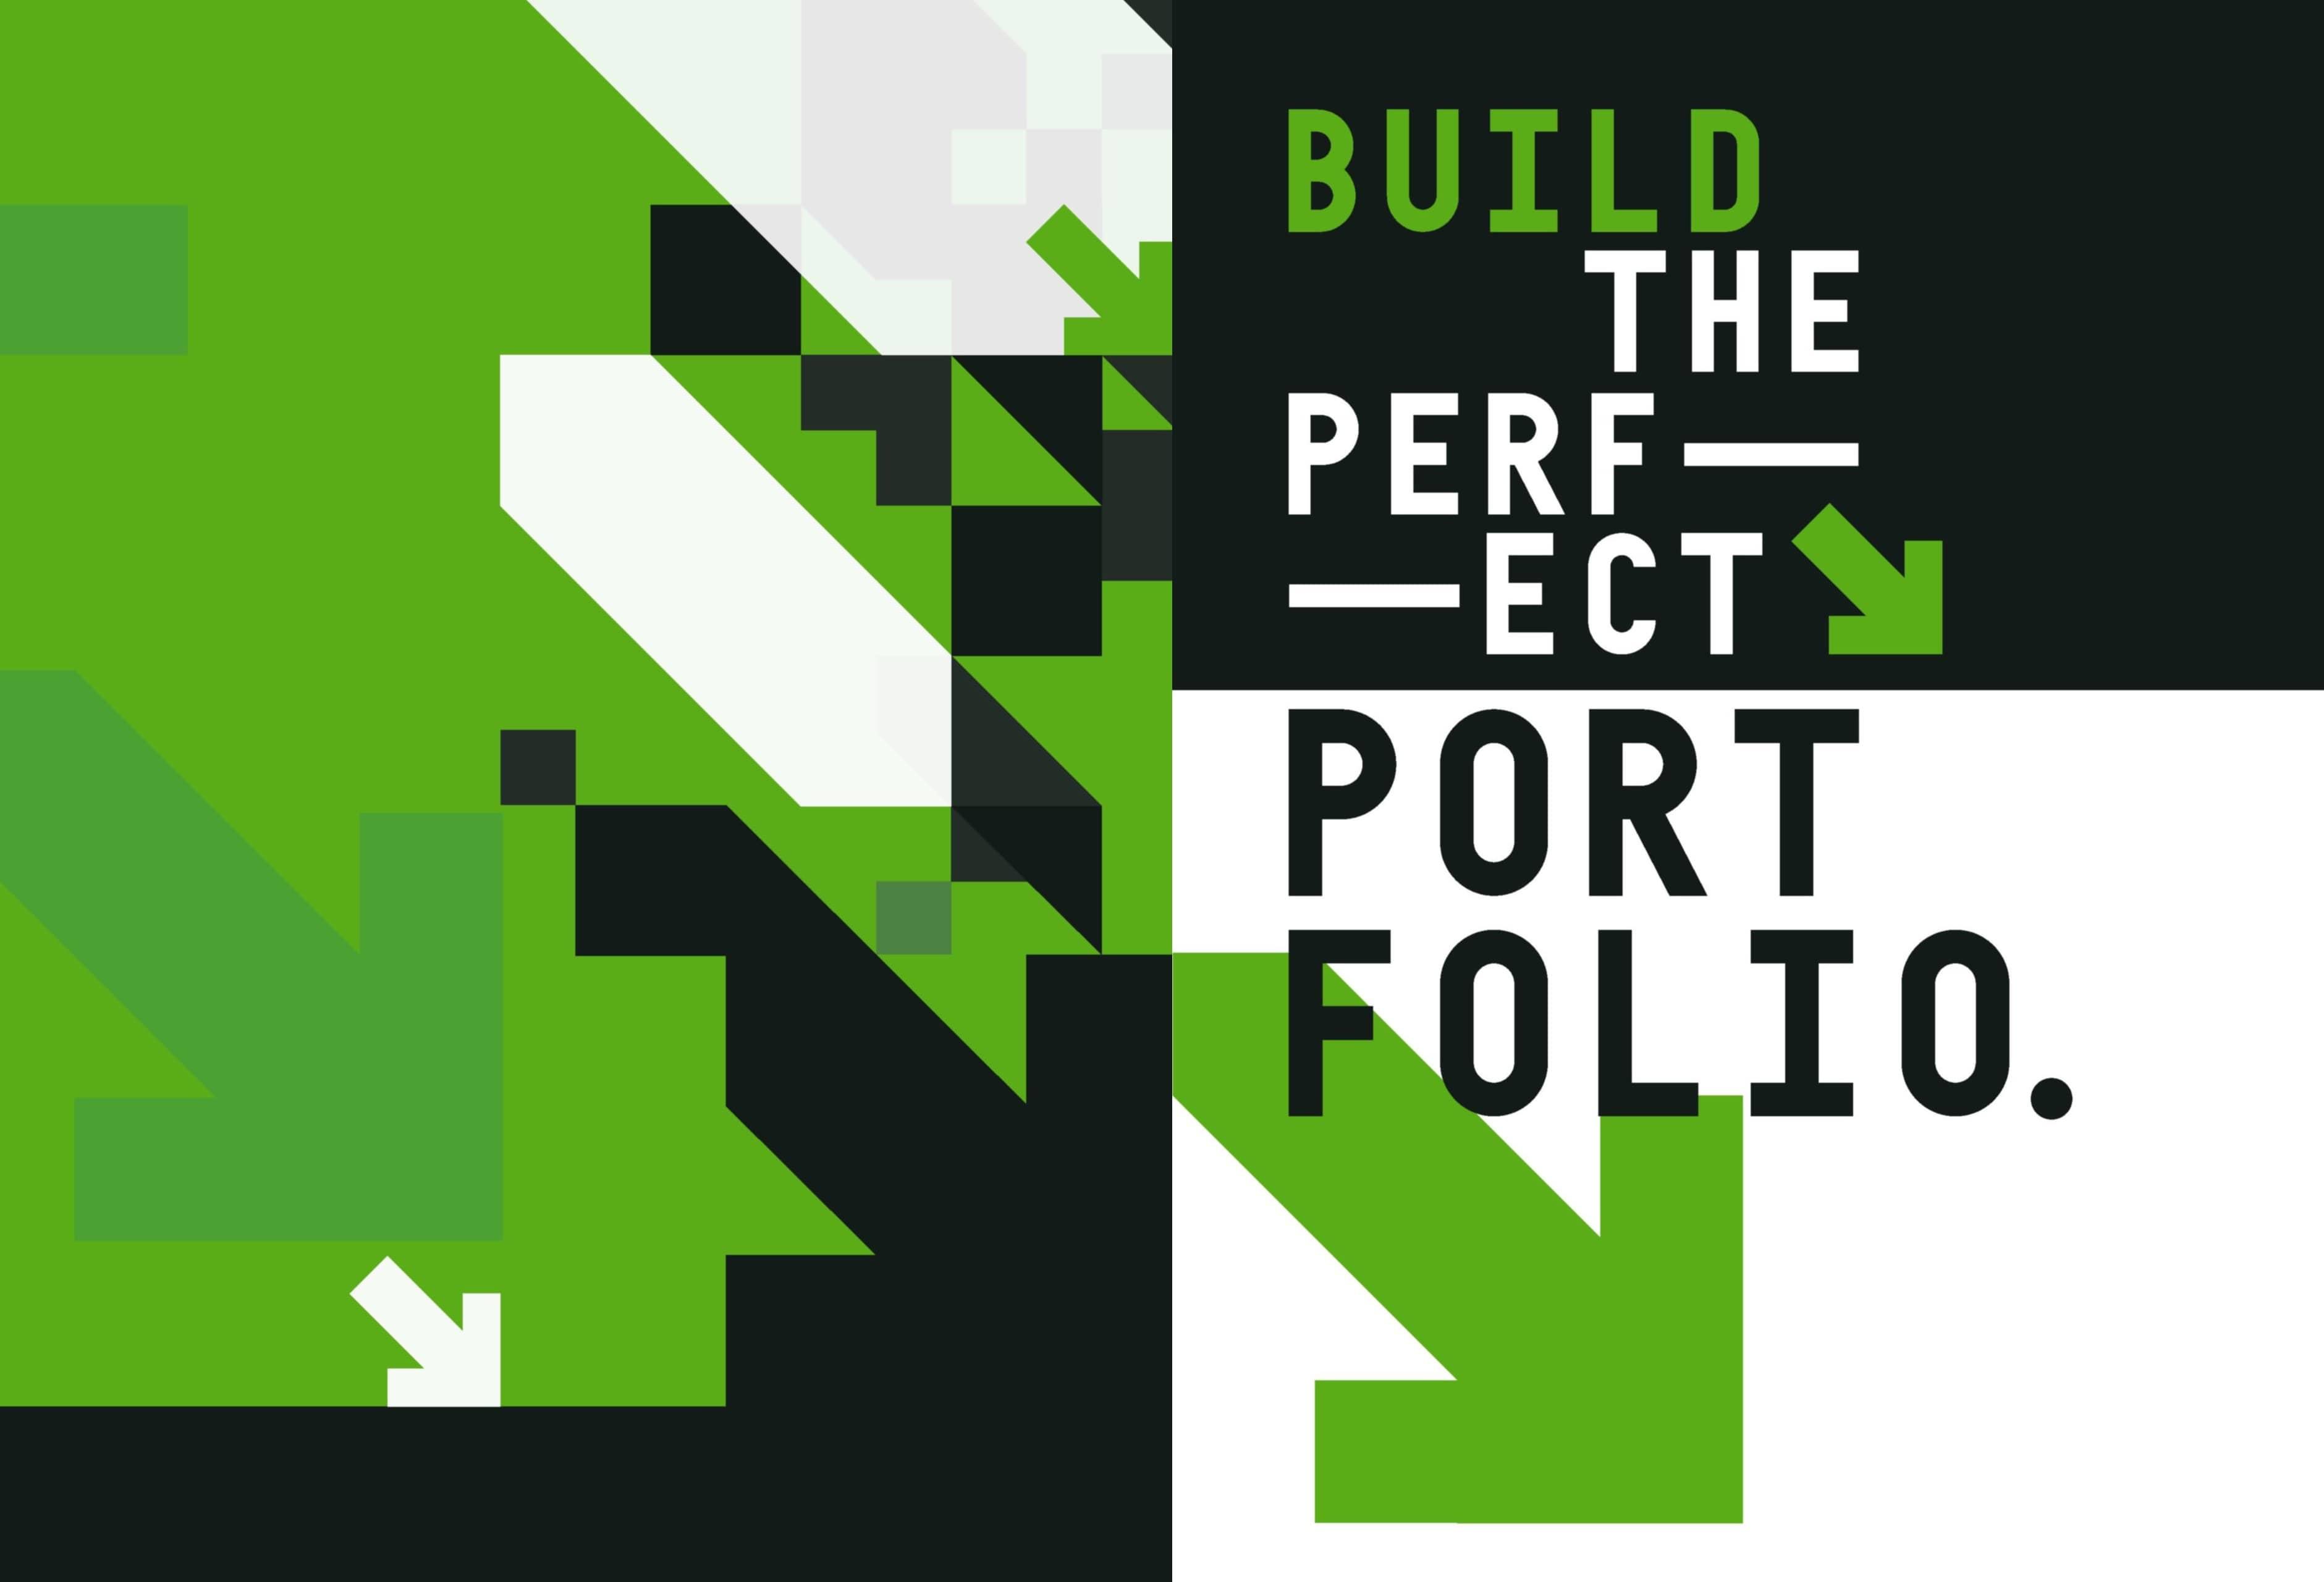 Build The Perfect Portfolio